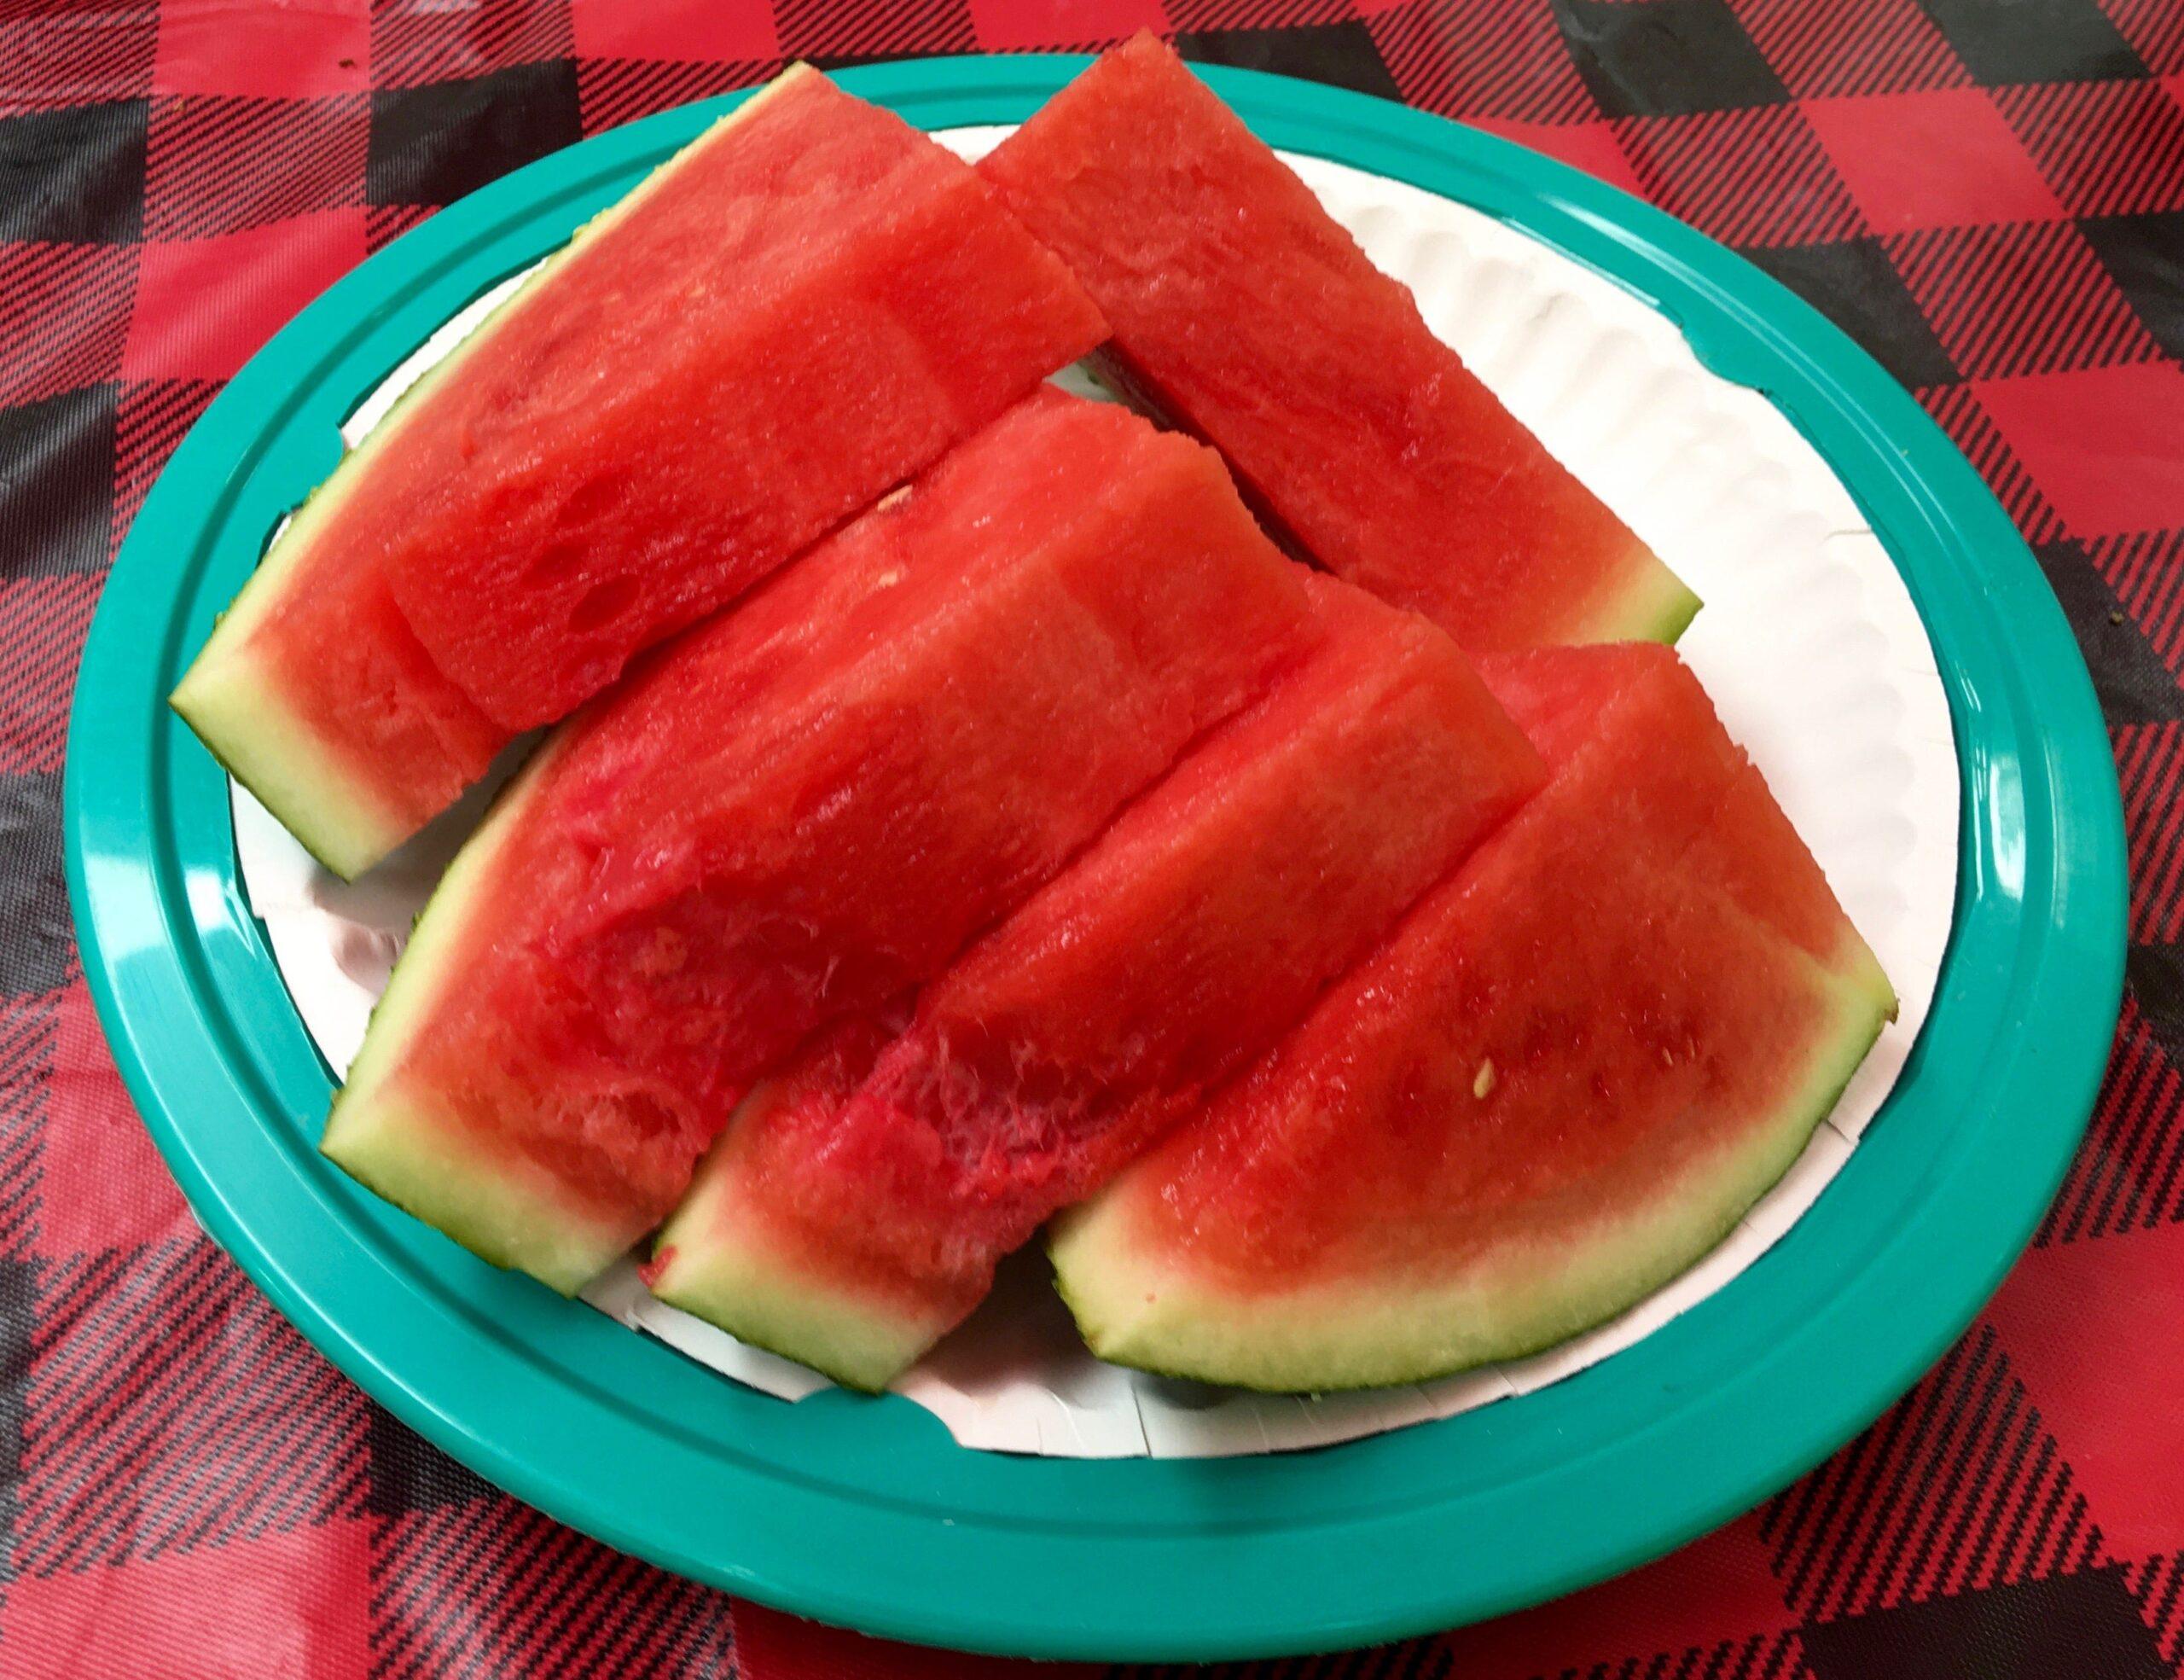 c756d72d c265 4ece 8dfc 4d90b586d7c0 watermelon 1 1 scaled